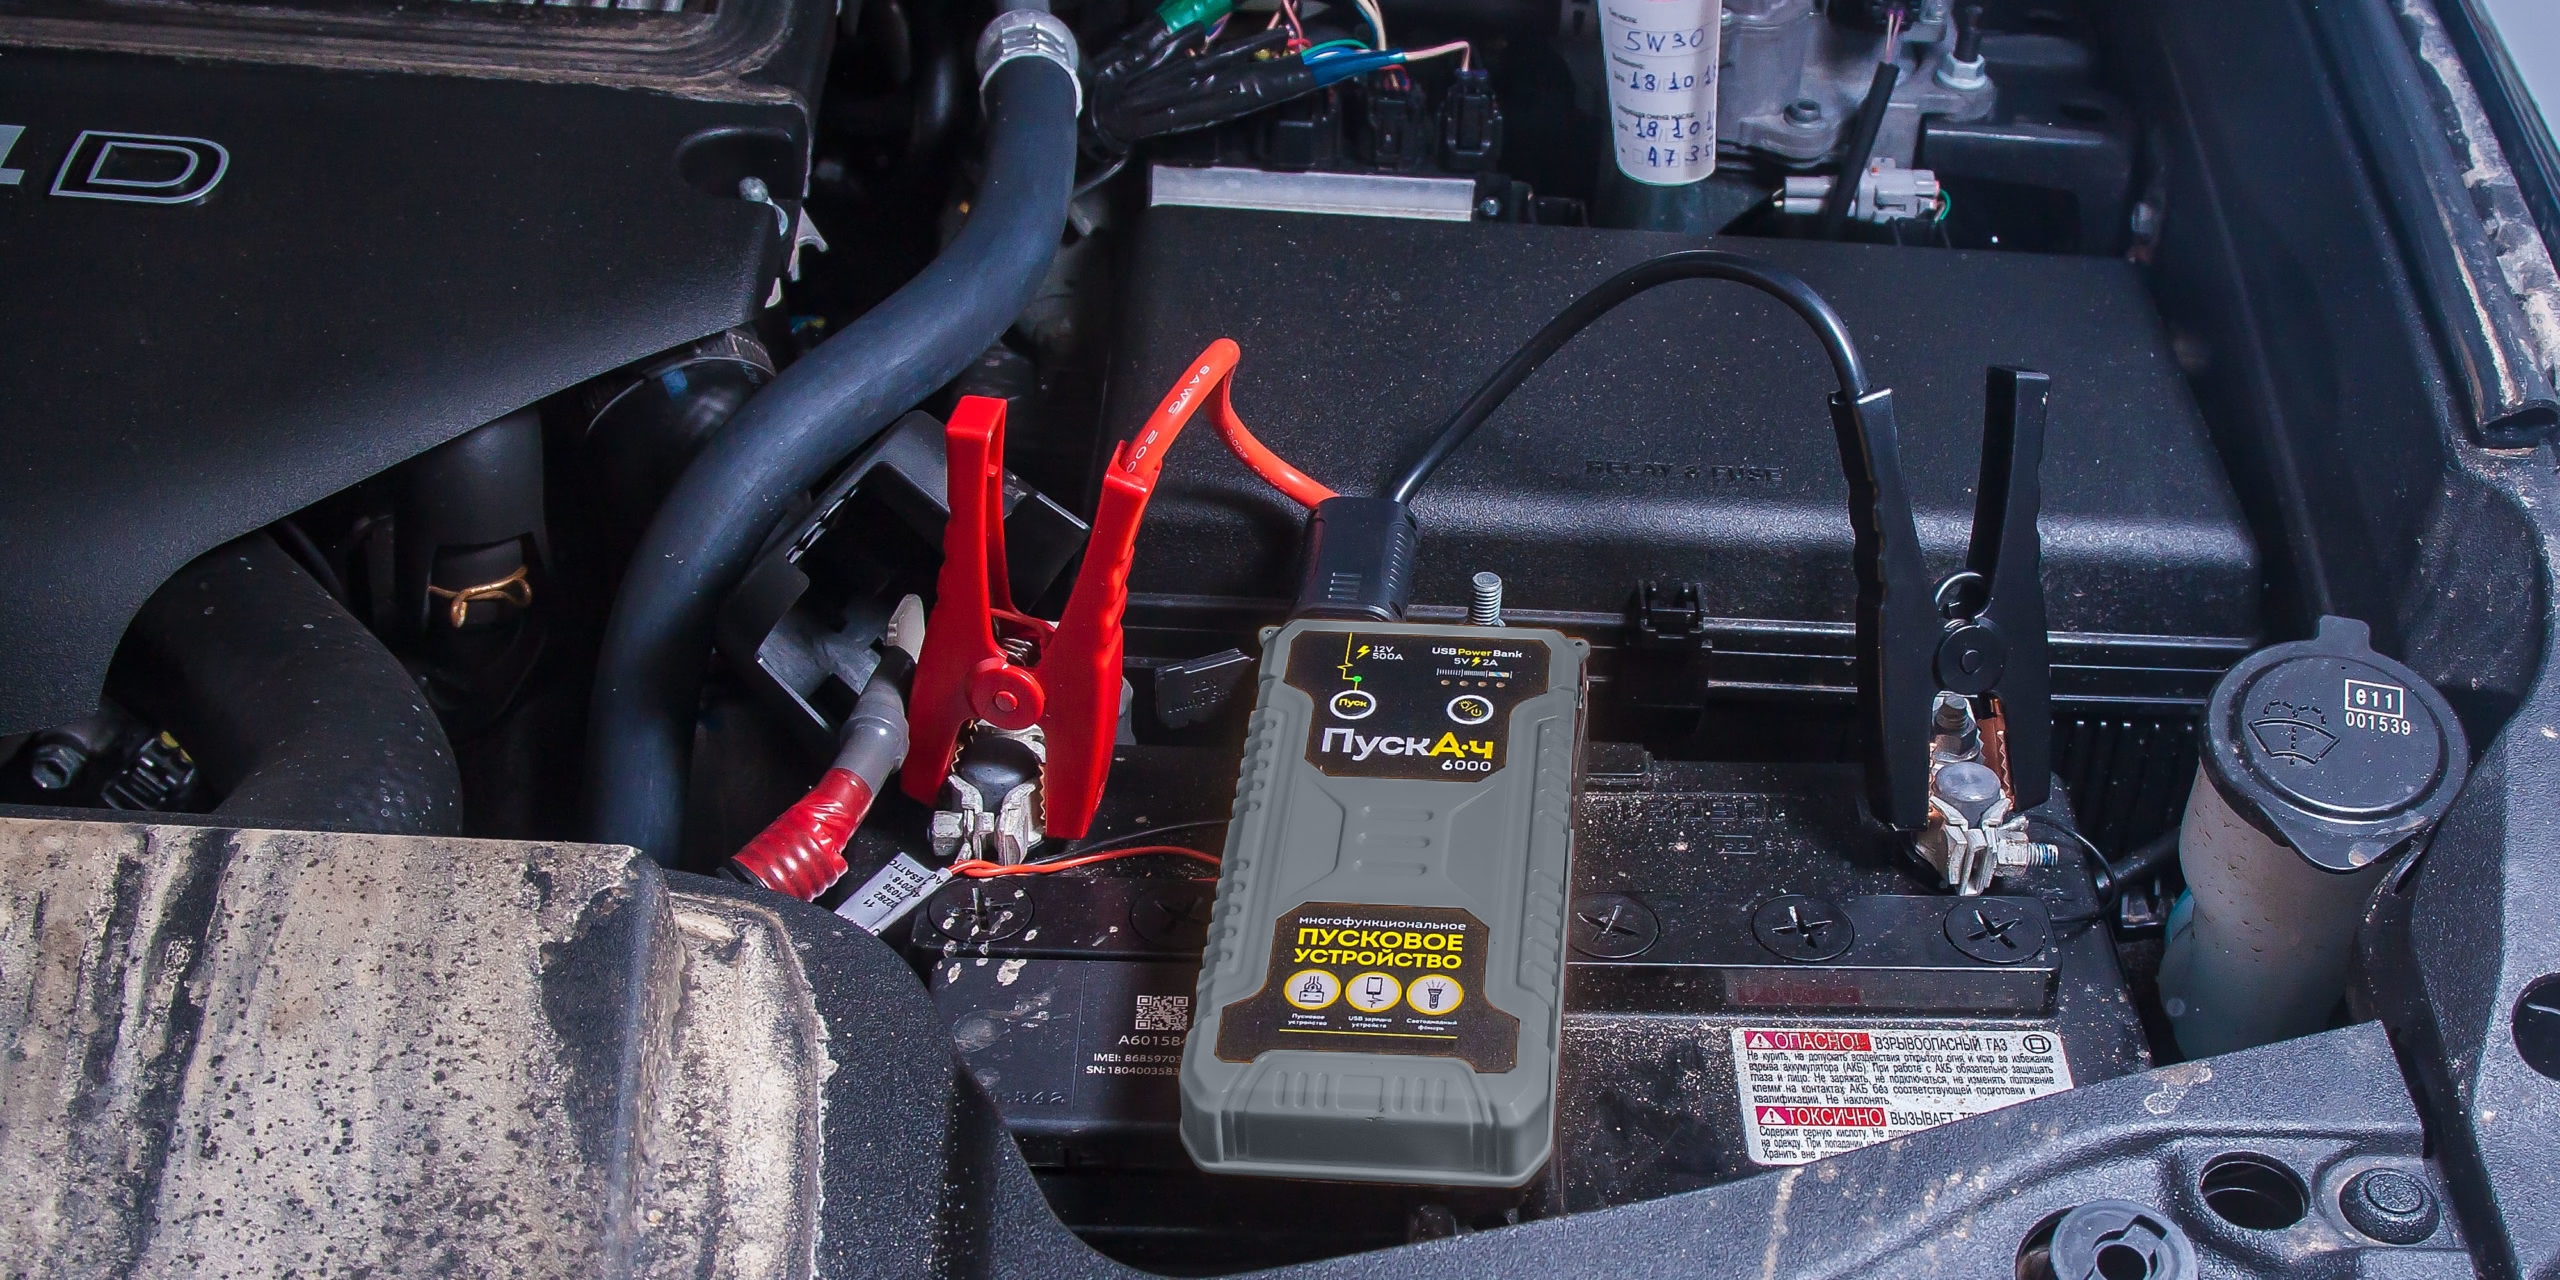 портативное пусковое устройство ПускАч 6000 - 12В 300А для запуска двигателя авто